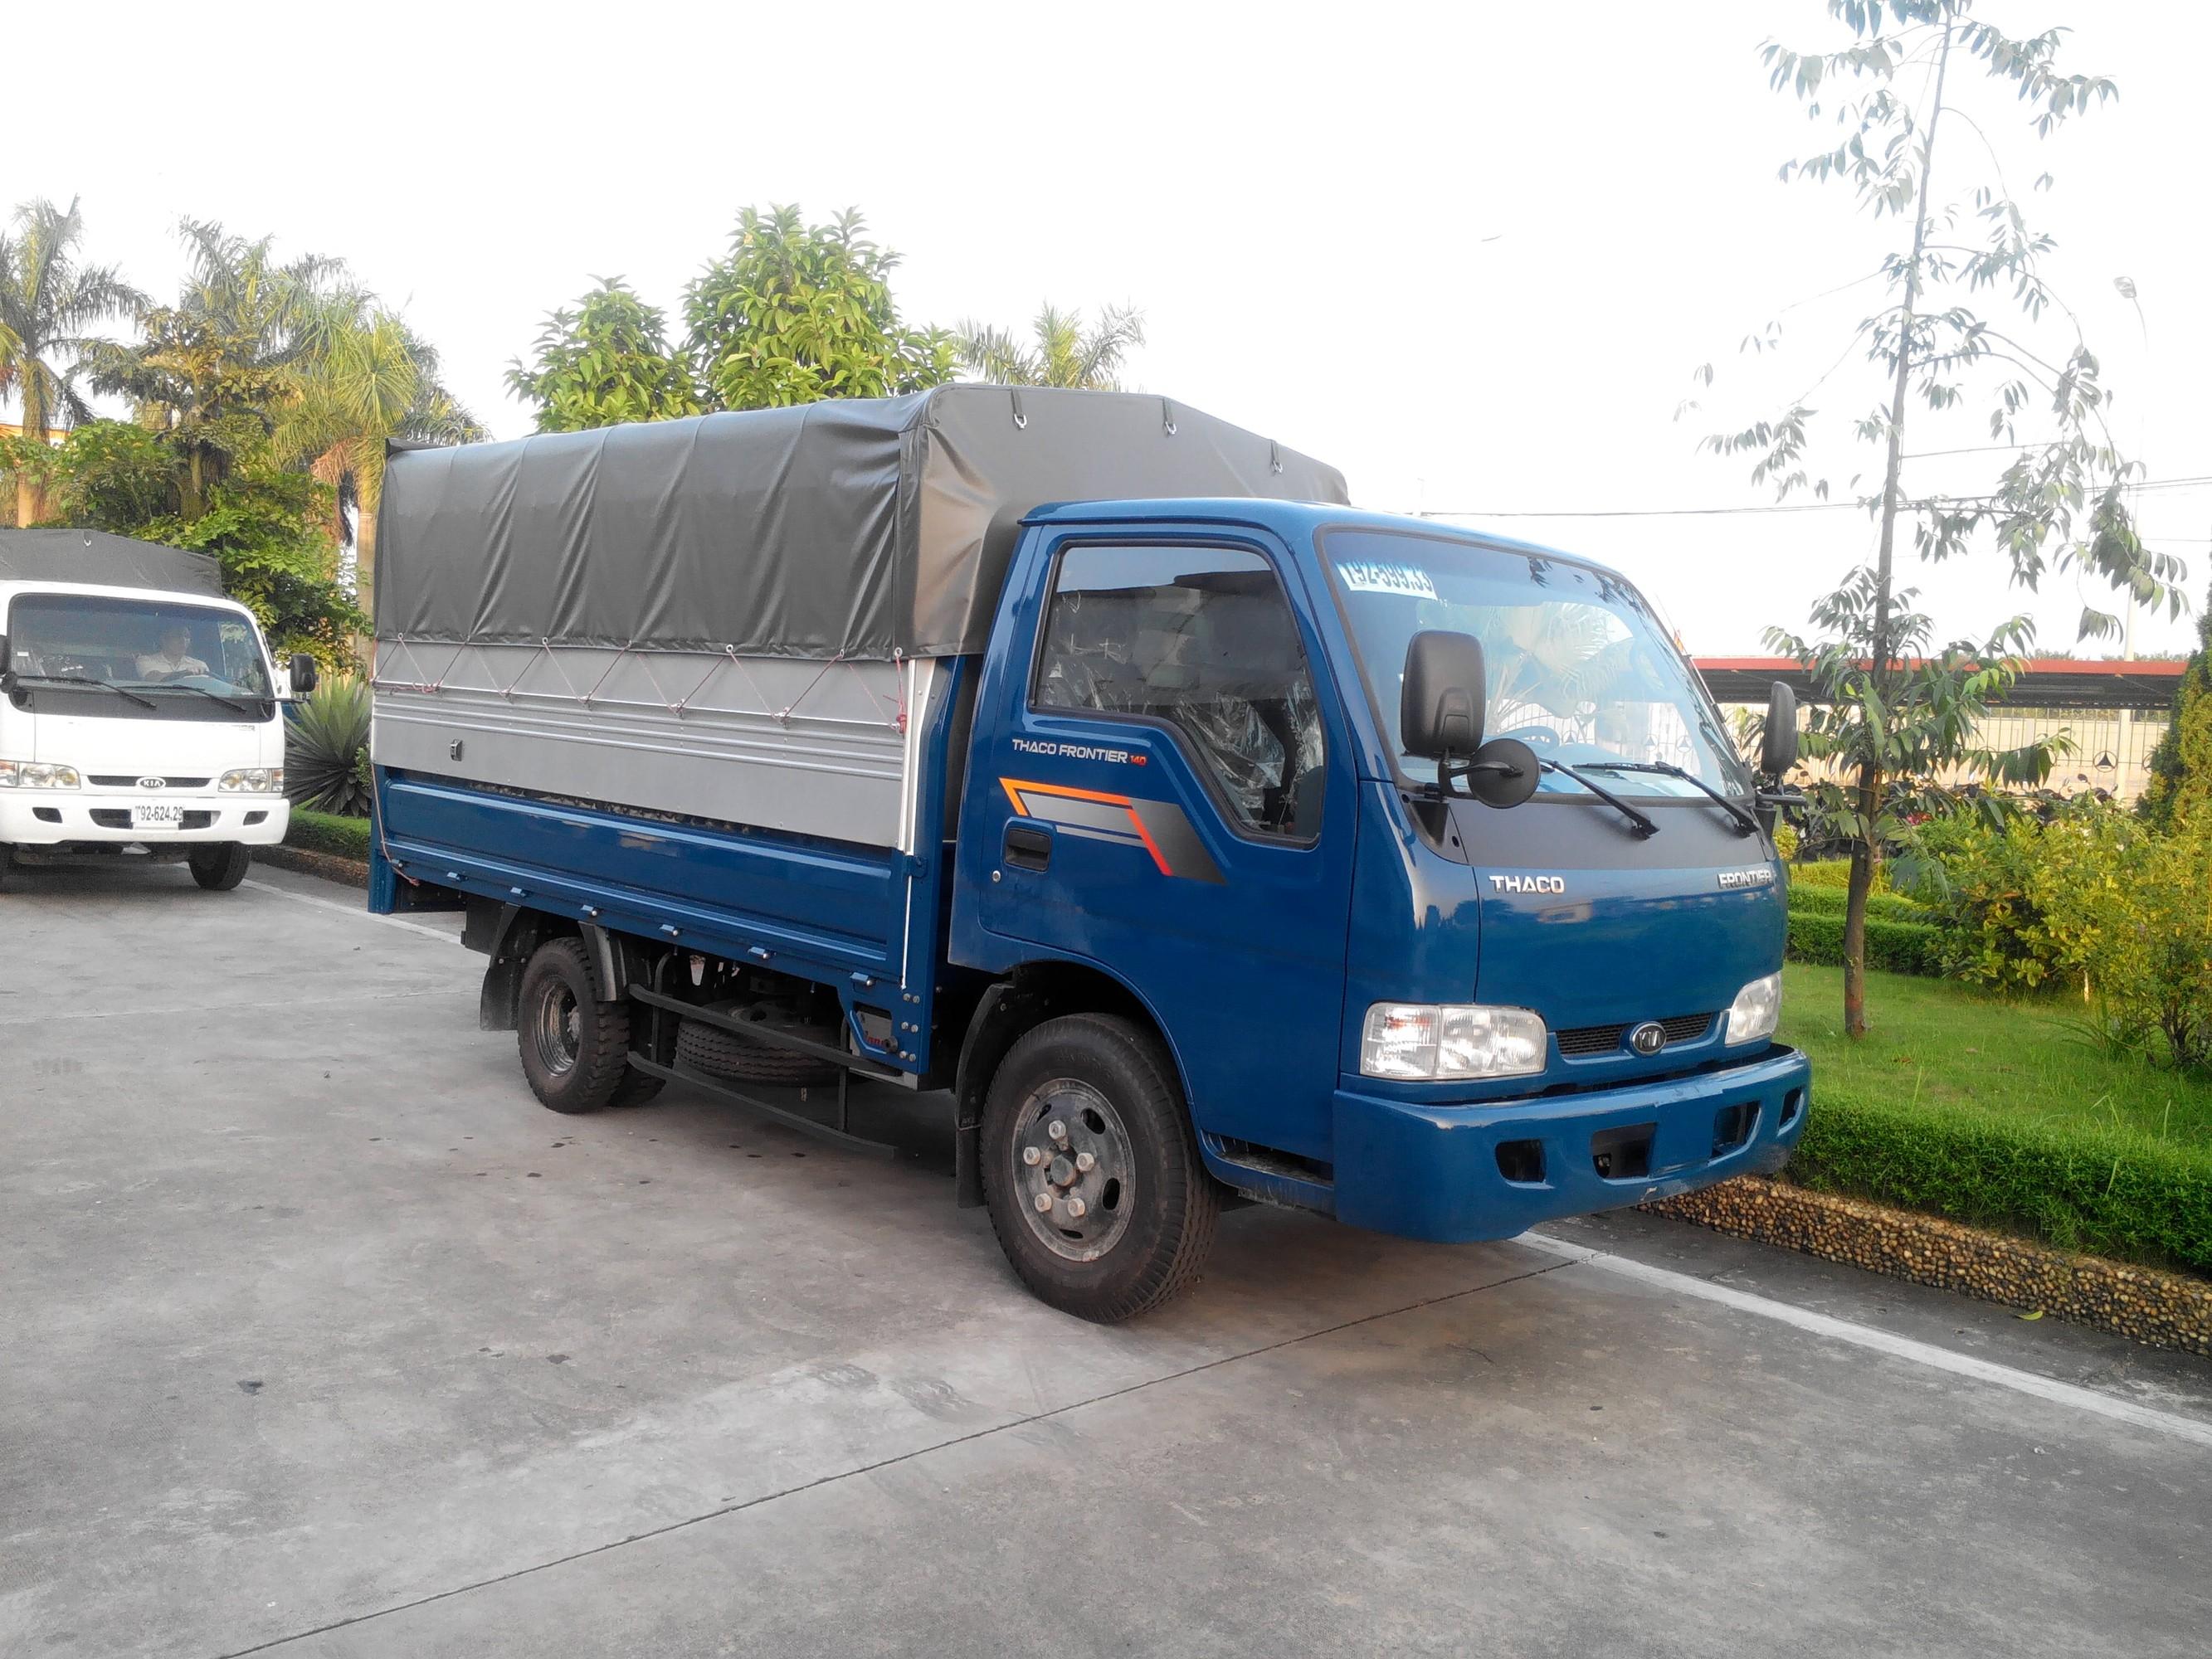 Thuê taxi tải chở hàng nhanh, an toàn